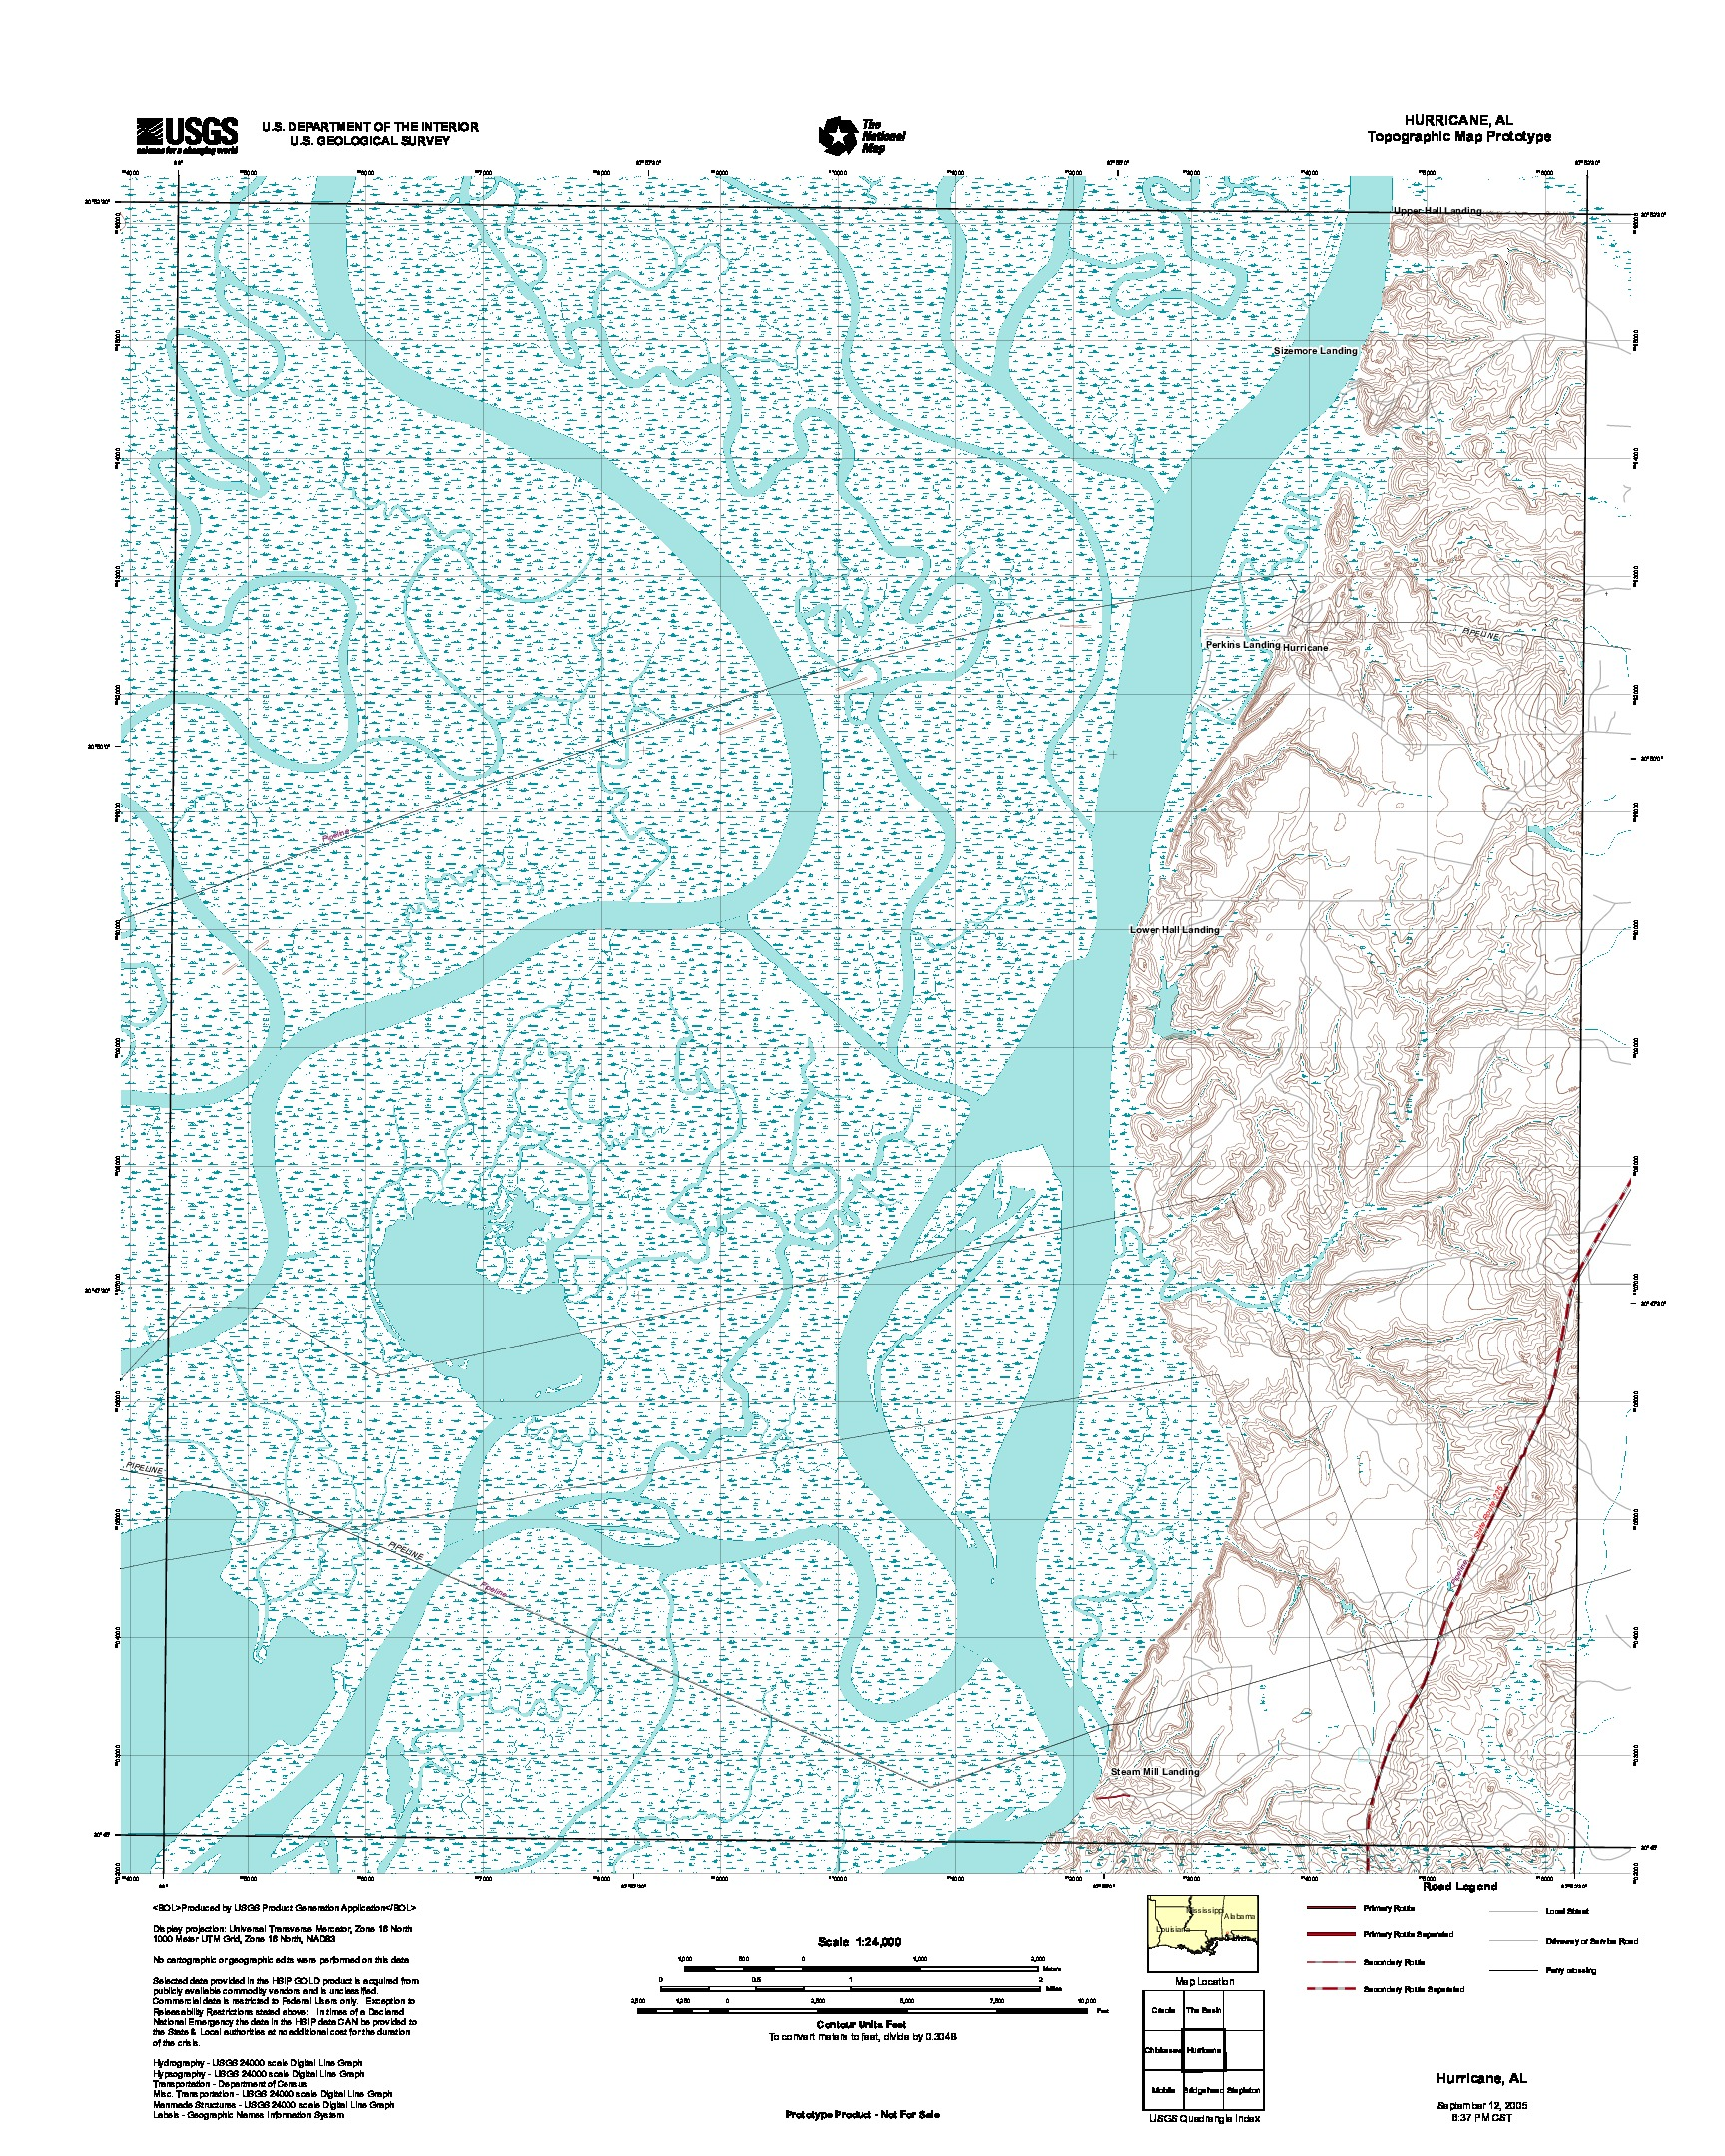 Hurricane, Topographic Map Prototype, Alabama, United States, September 12, 2005